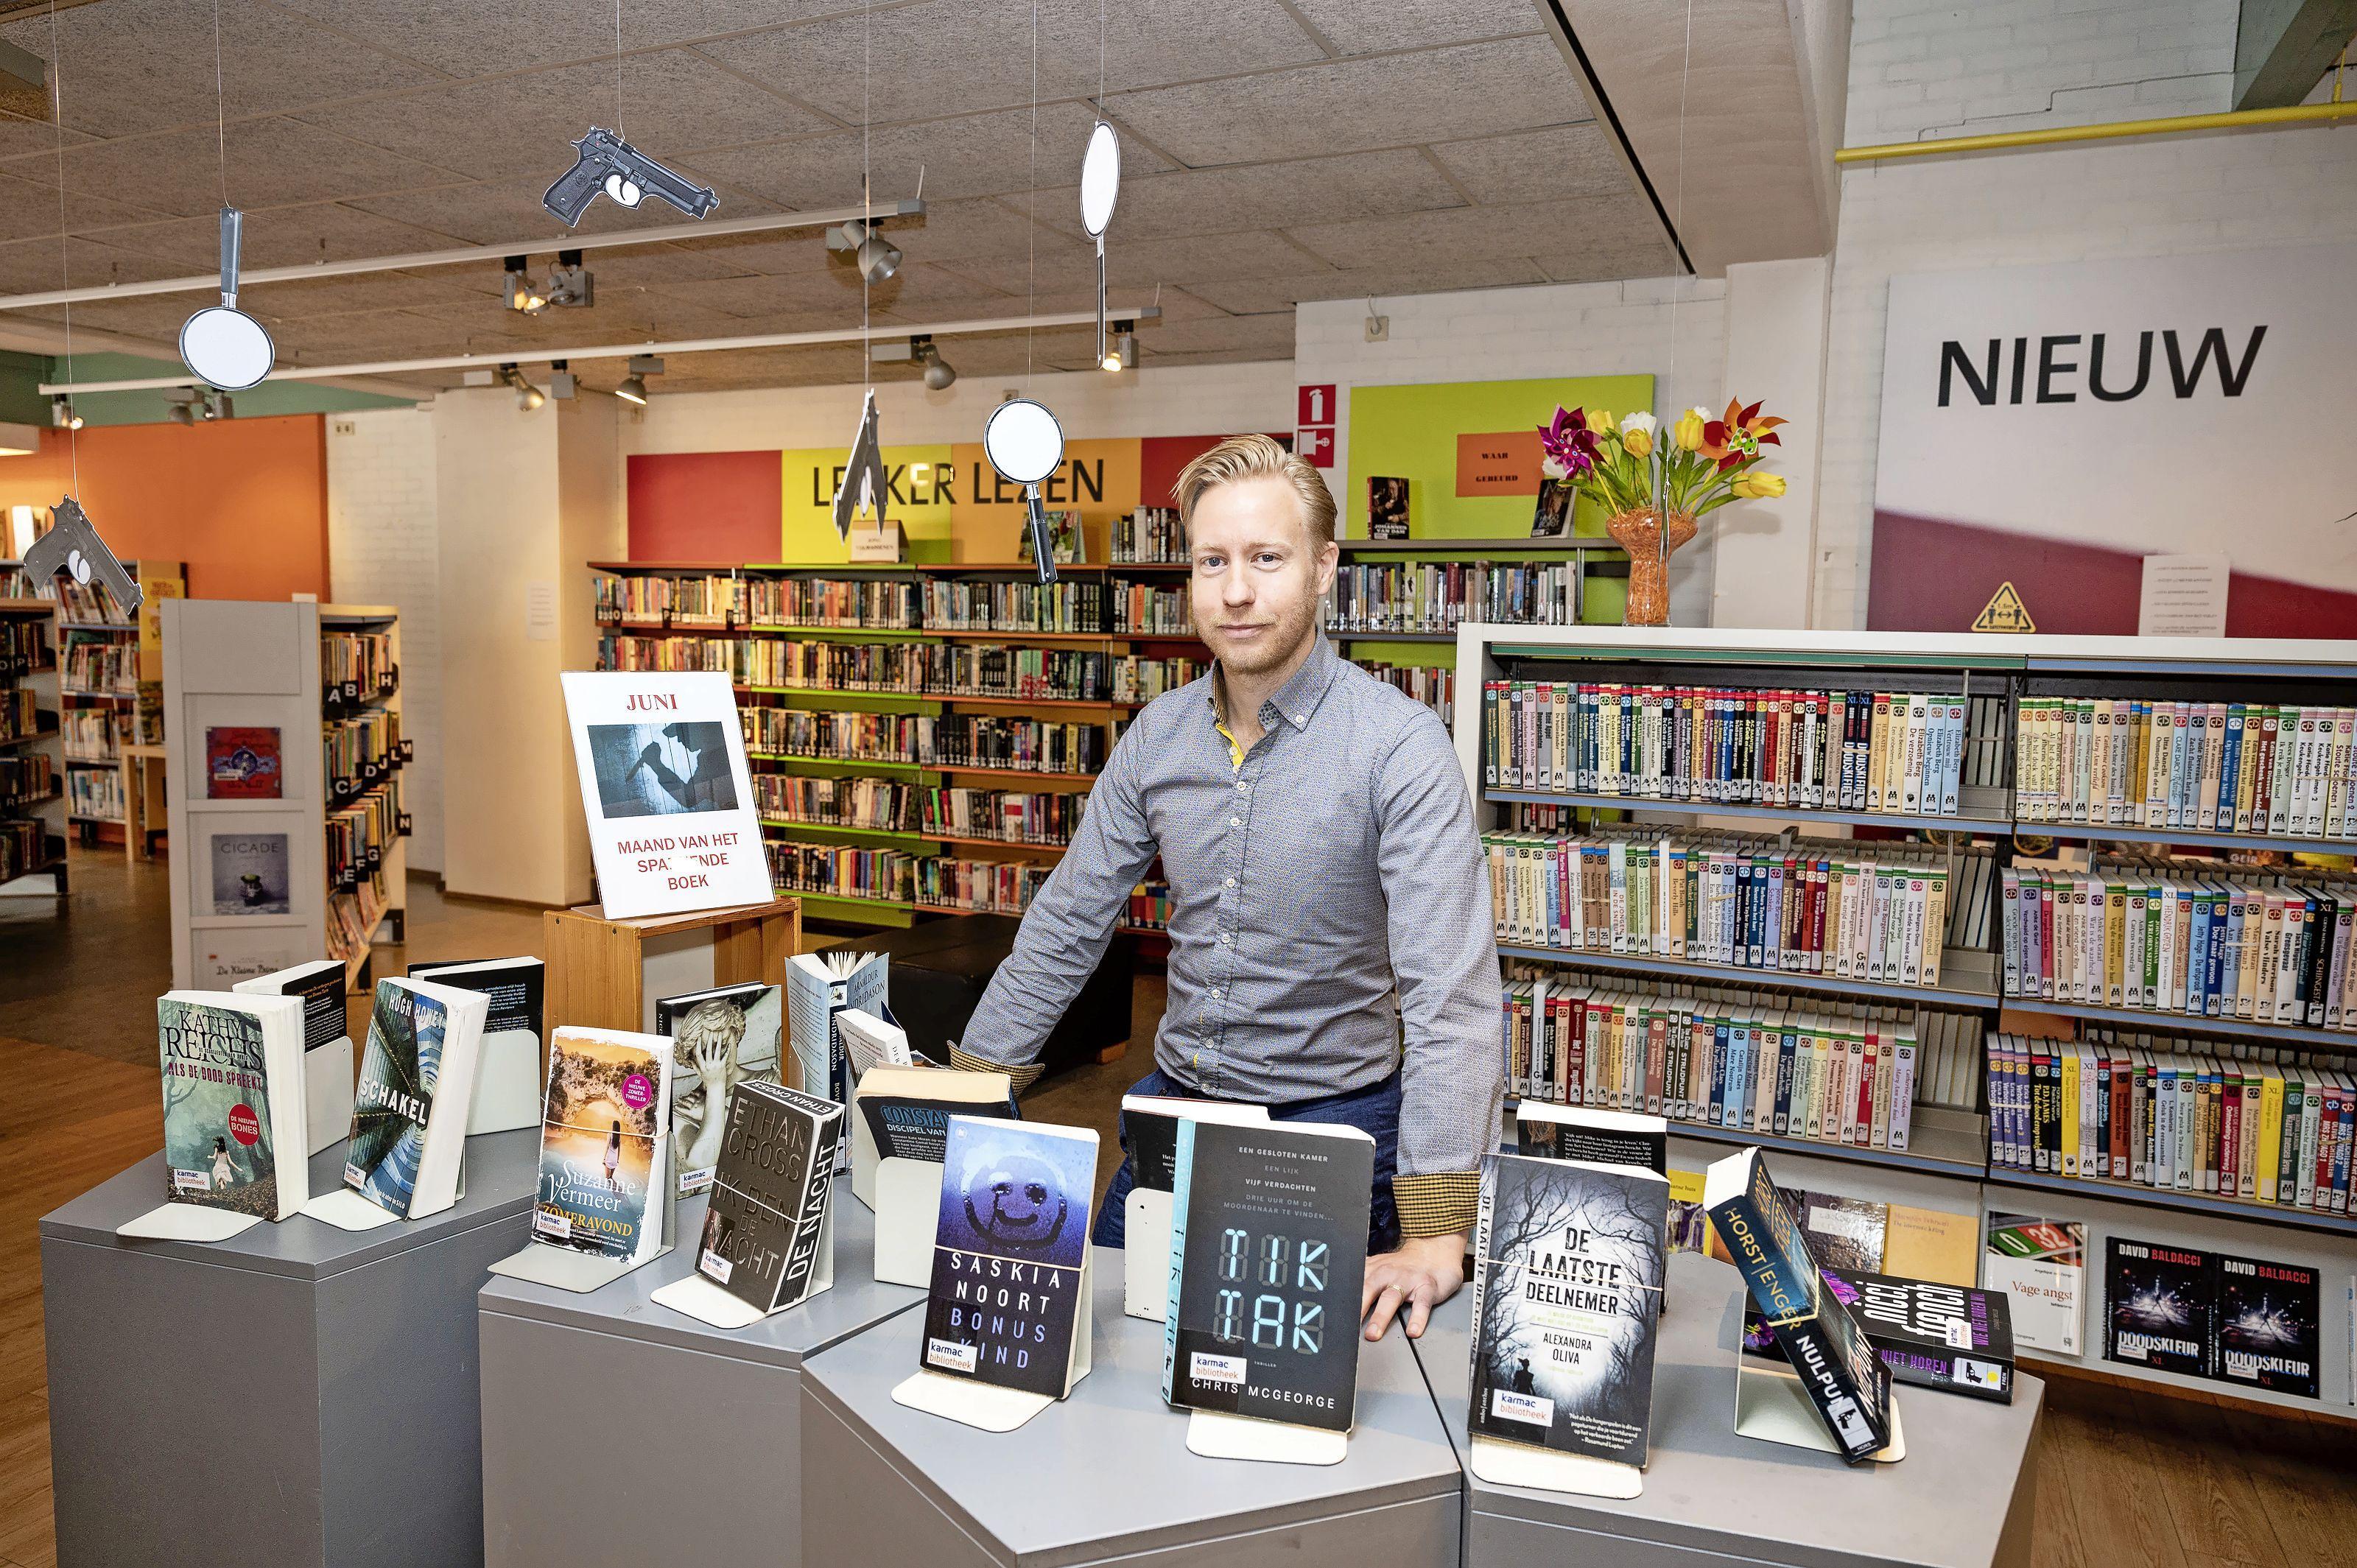 Karmac Bibliotheek wil door in Waterland maar wel in betere huisvesting: 'Over een of twee jaar in de nieuwe Brede School in Broek in Waterland komen, en voor Monnickendam een nieuw pand aan het Galgeriet'